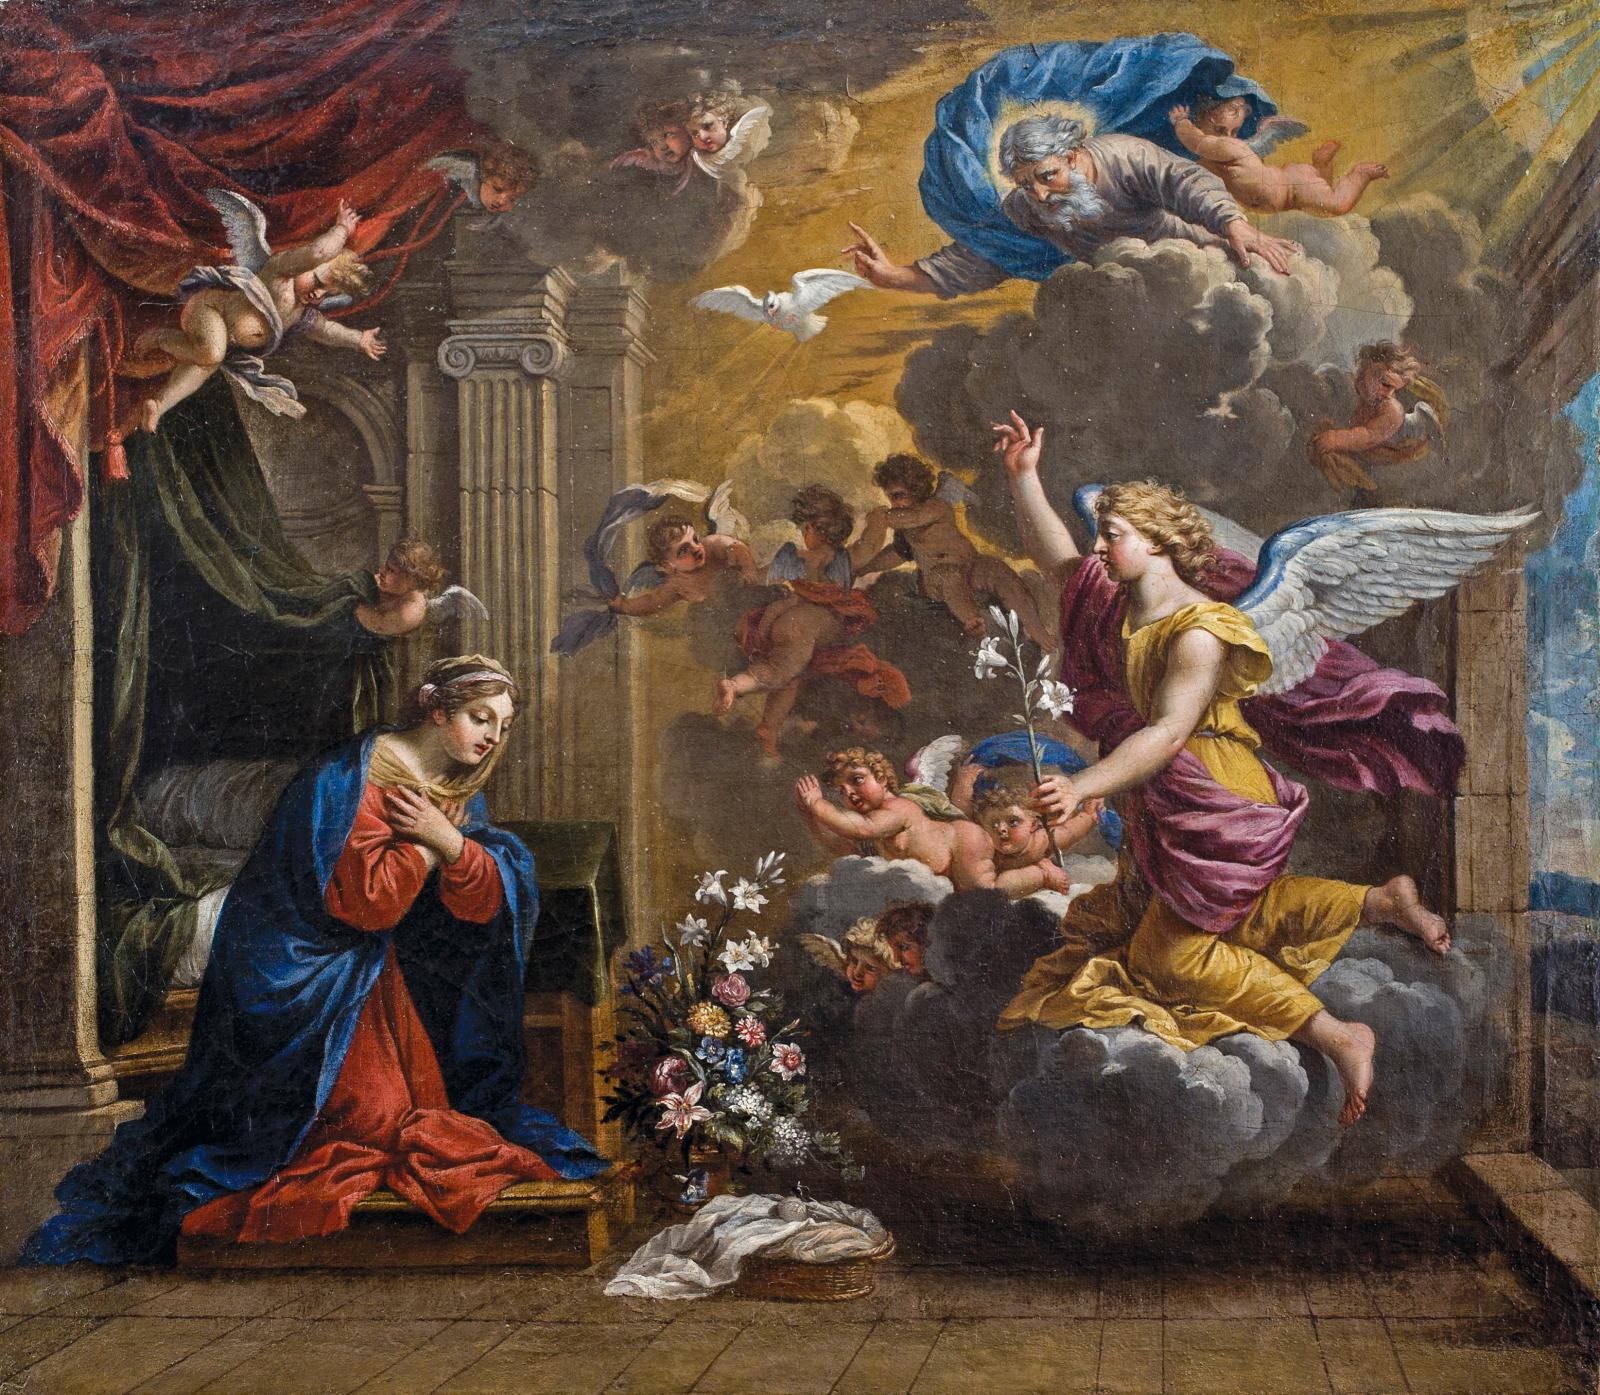 Charles Poërson (1609-1667), L'Annonciation, huile sur toile, 64,8 x 57,2 cm. Collection Motais de Narbonne.